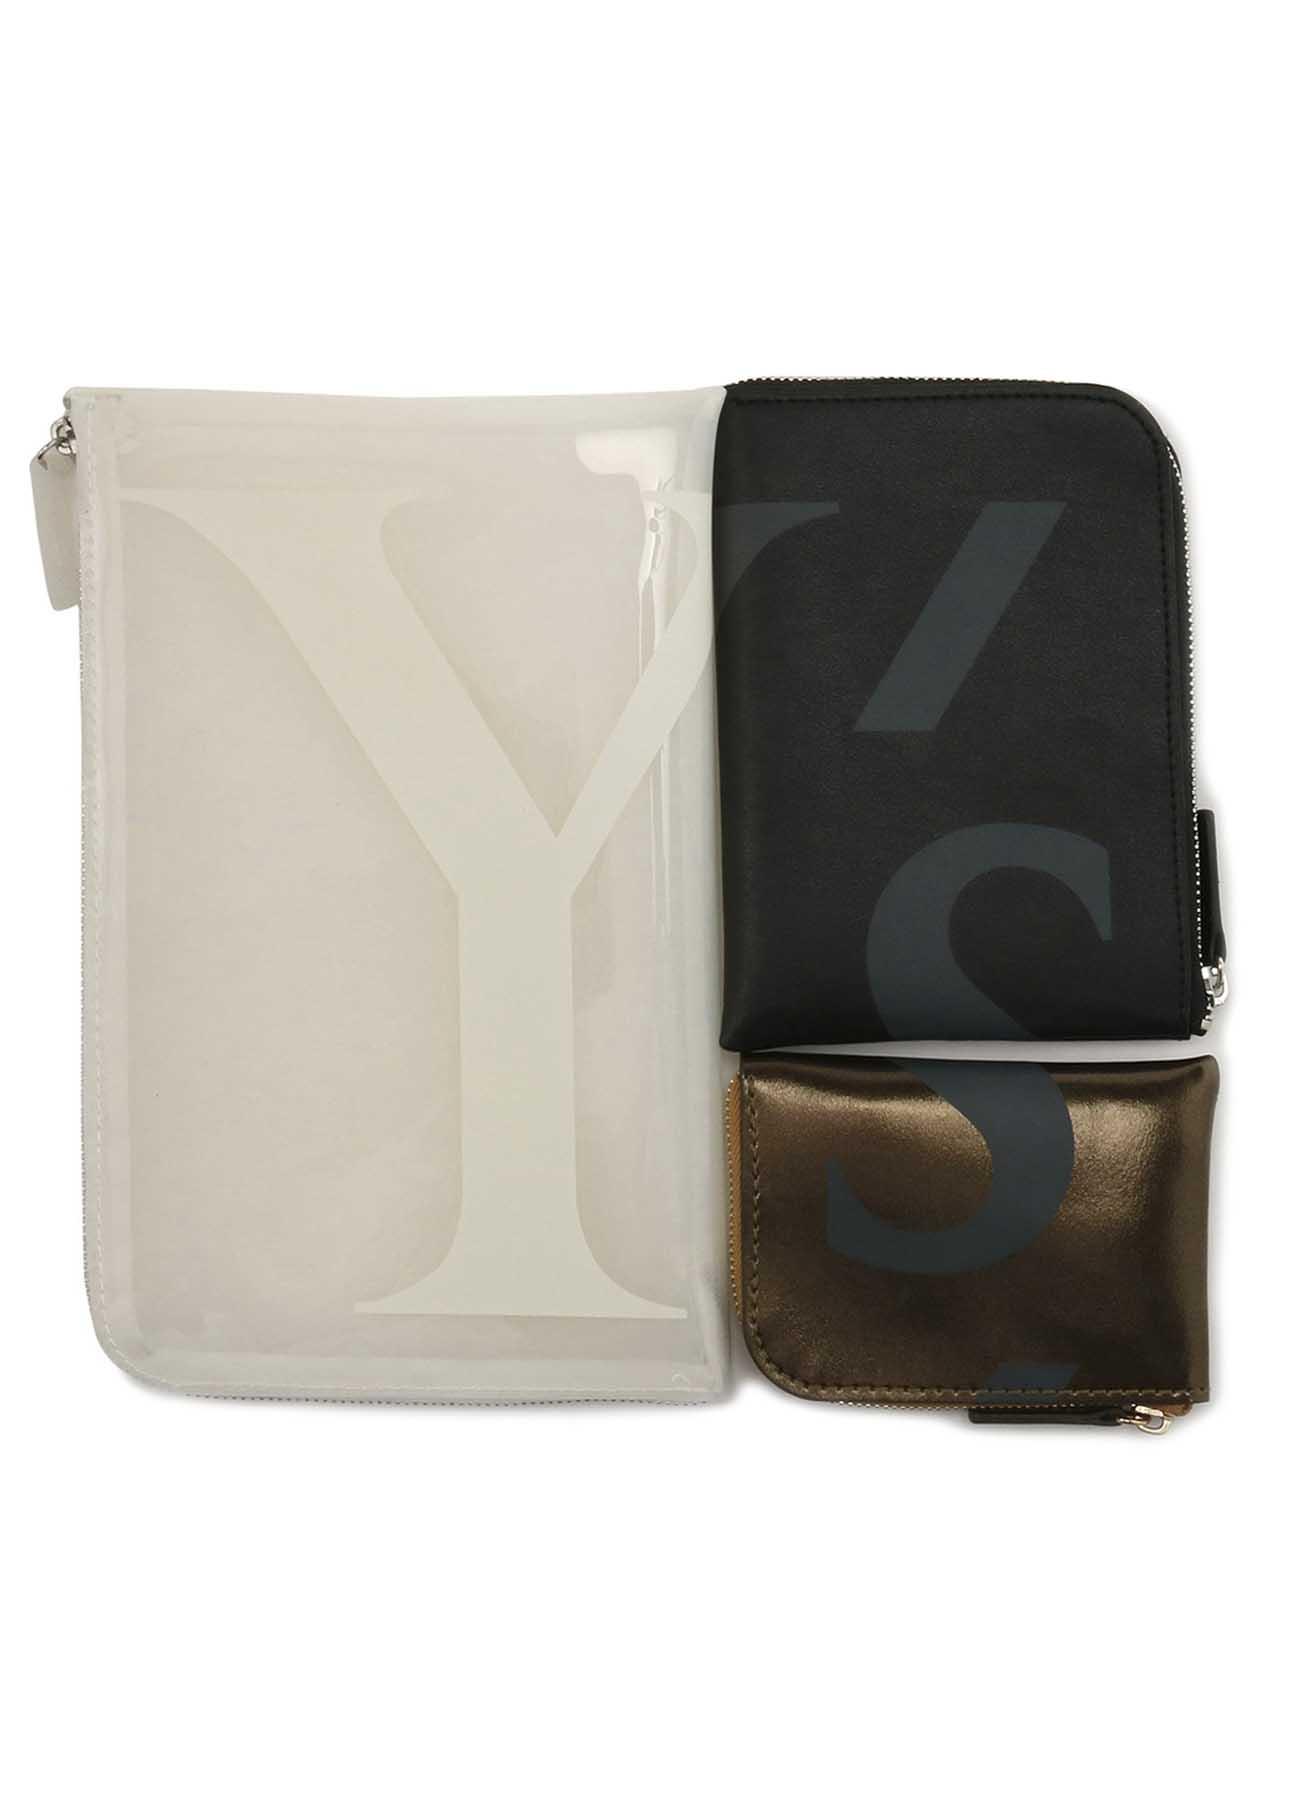 PVC Y的小袋套装